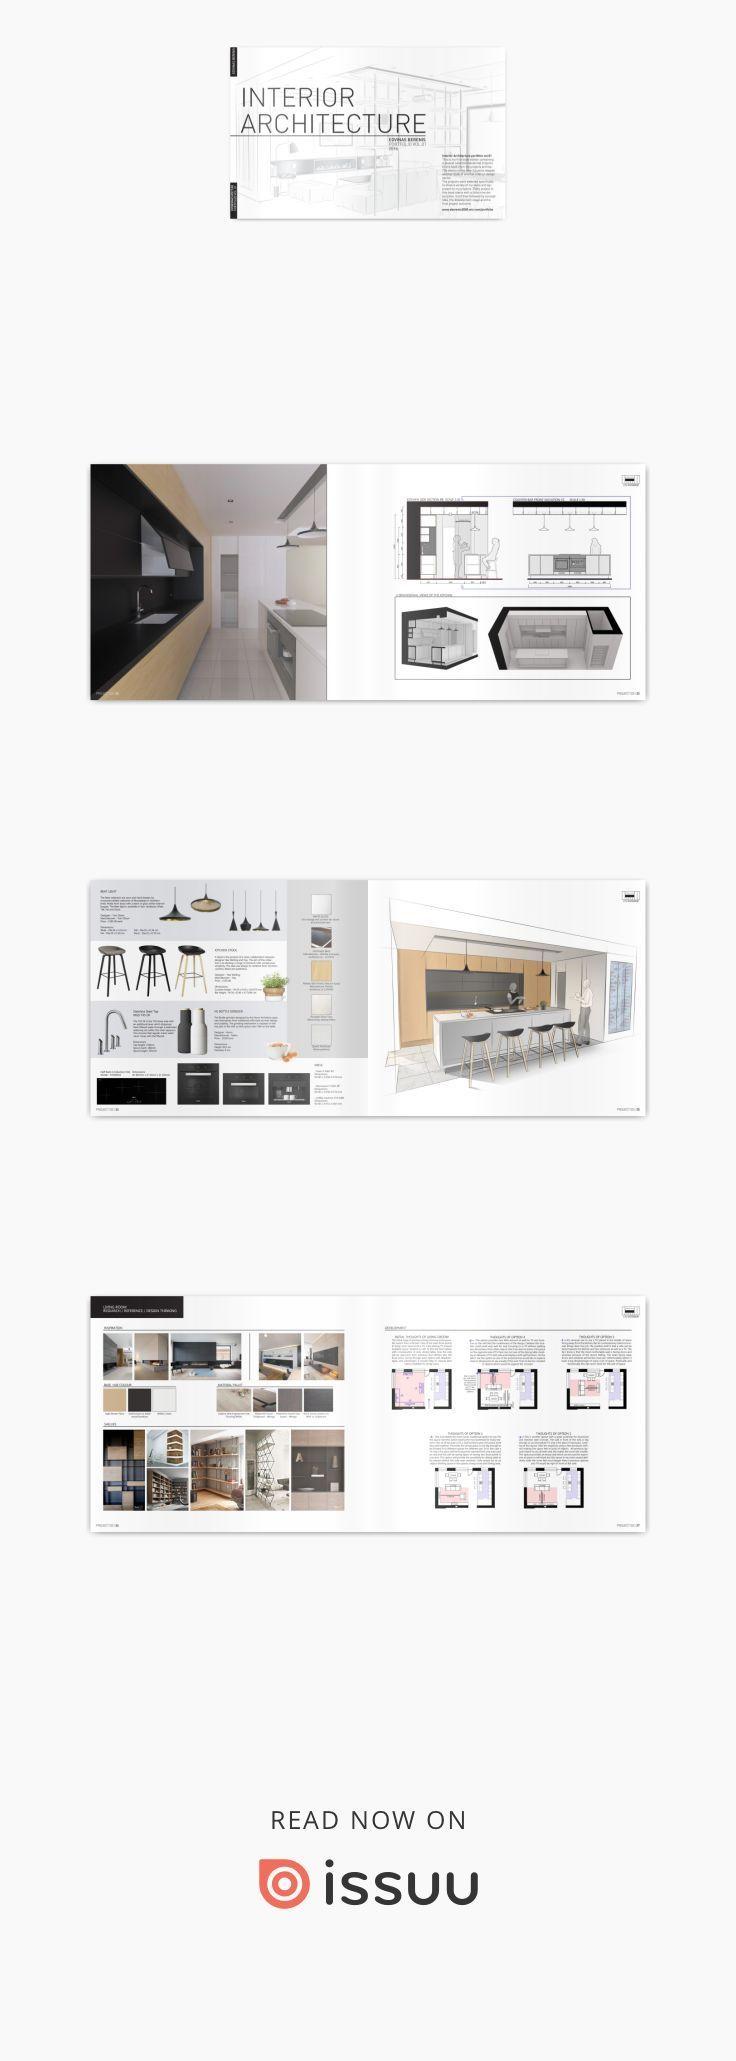 Interior architecture - #Architecture #Interior #portfolio #arquitectonico